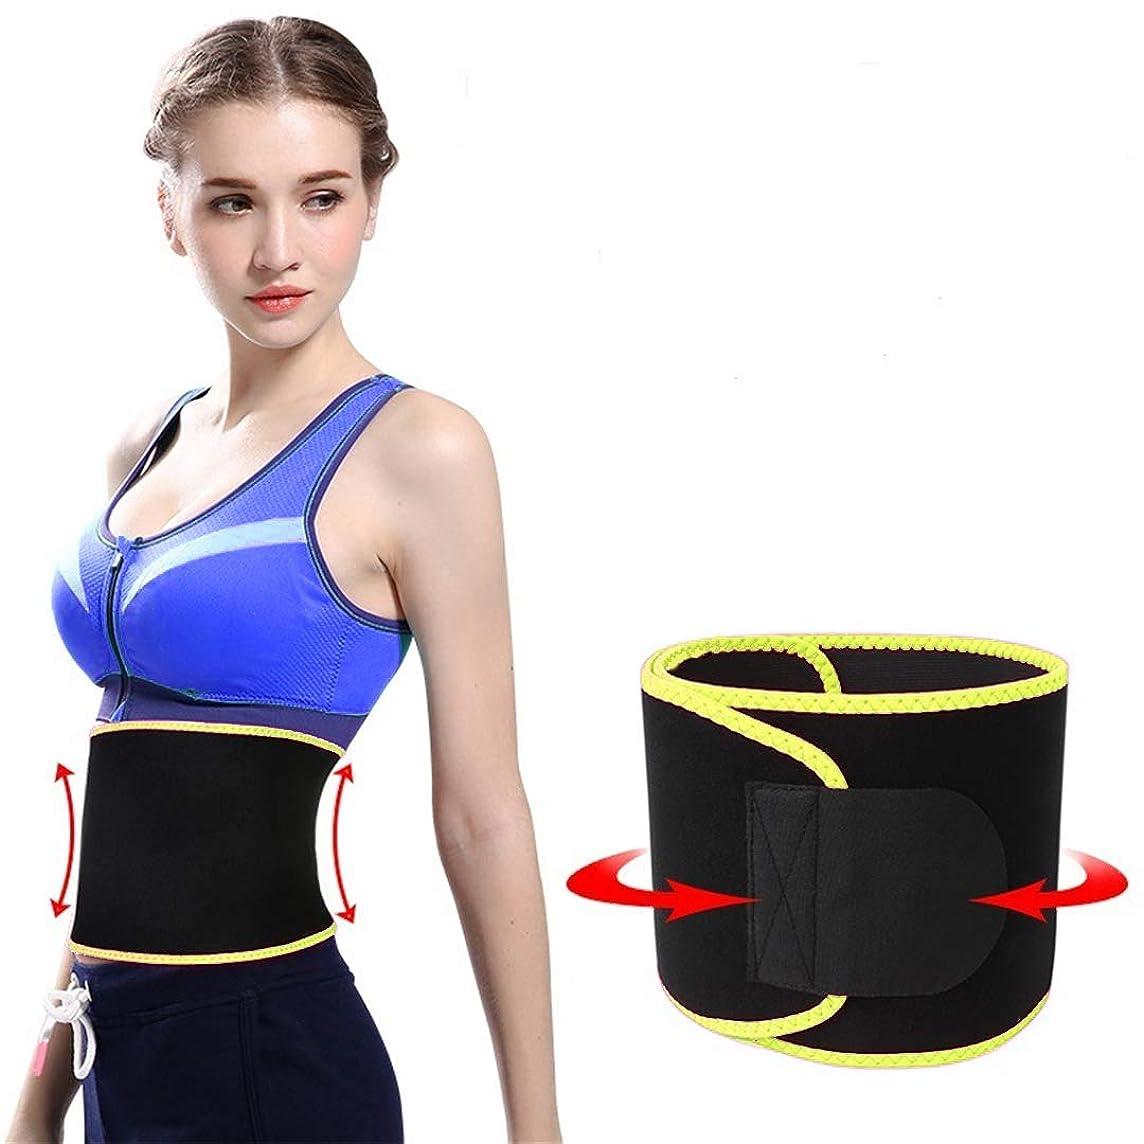 HMBON Sweat Waist Slimmer Waist Trainer,Waist Trimmer Belt for Women & Men Weight Loss,Shape The Waist Curve of The Human Body, 2 Sizes (Length Up to 40''/ 48'')